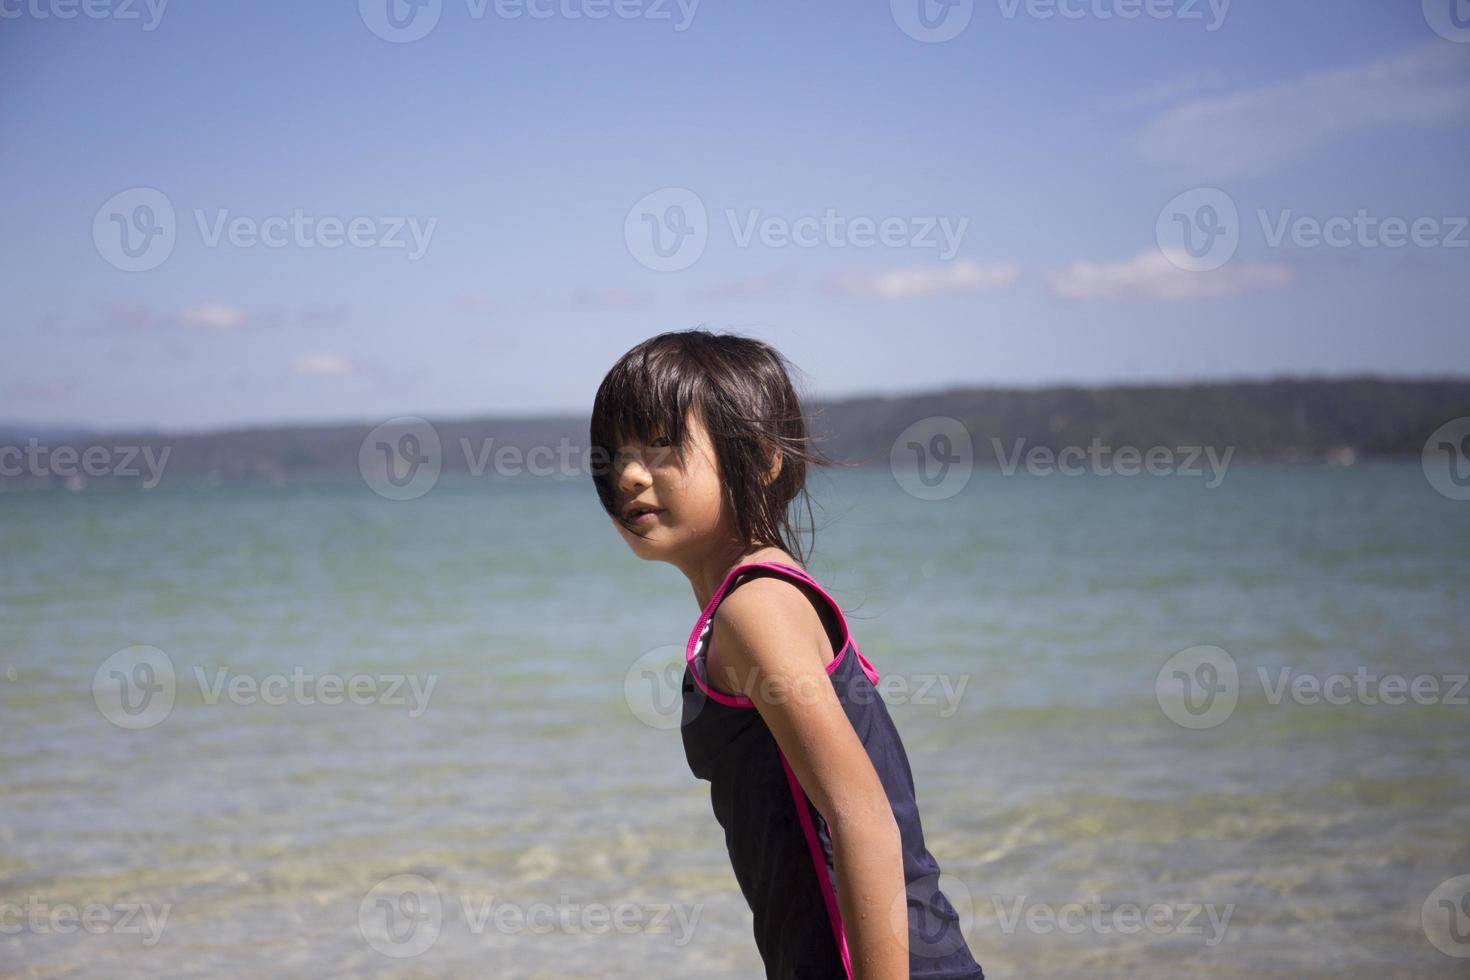 ragazza sulla spiaggia foto